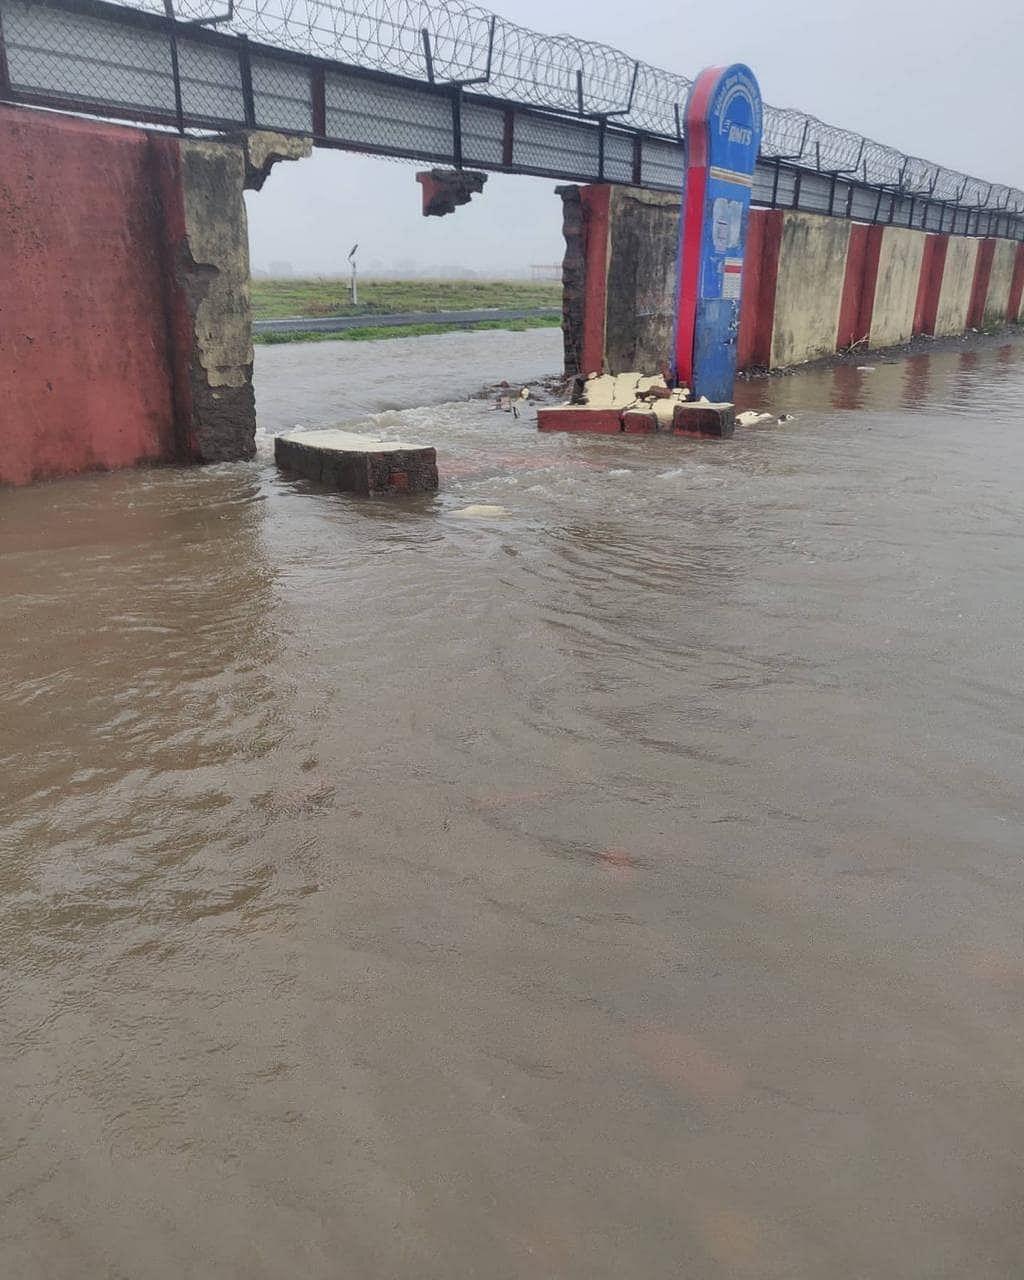 गुजरात में आसमान से बरसी आफत, राजकोट में एयरपोर्ट की दीवार ढही, जूनागढ़ के साबली नदी का पुल गिरा